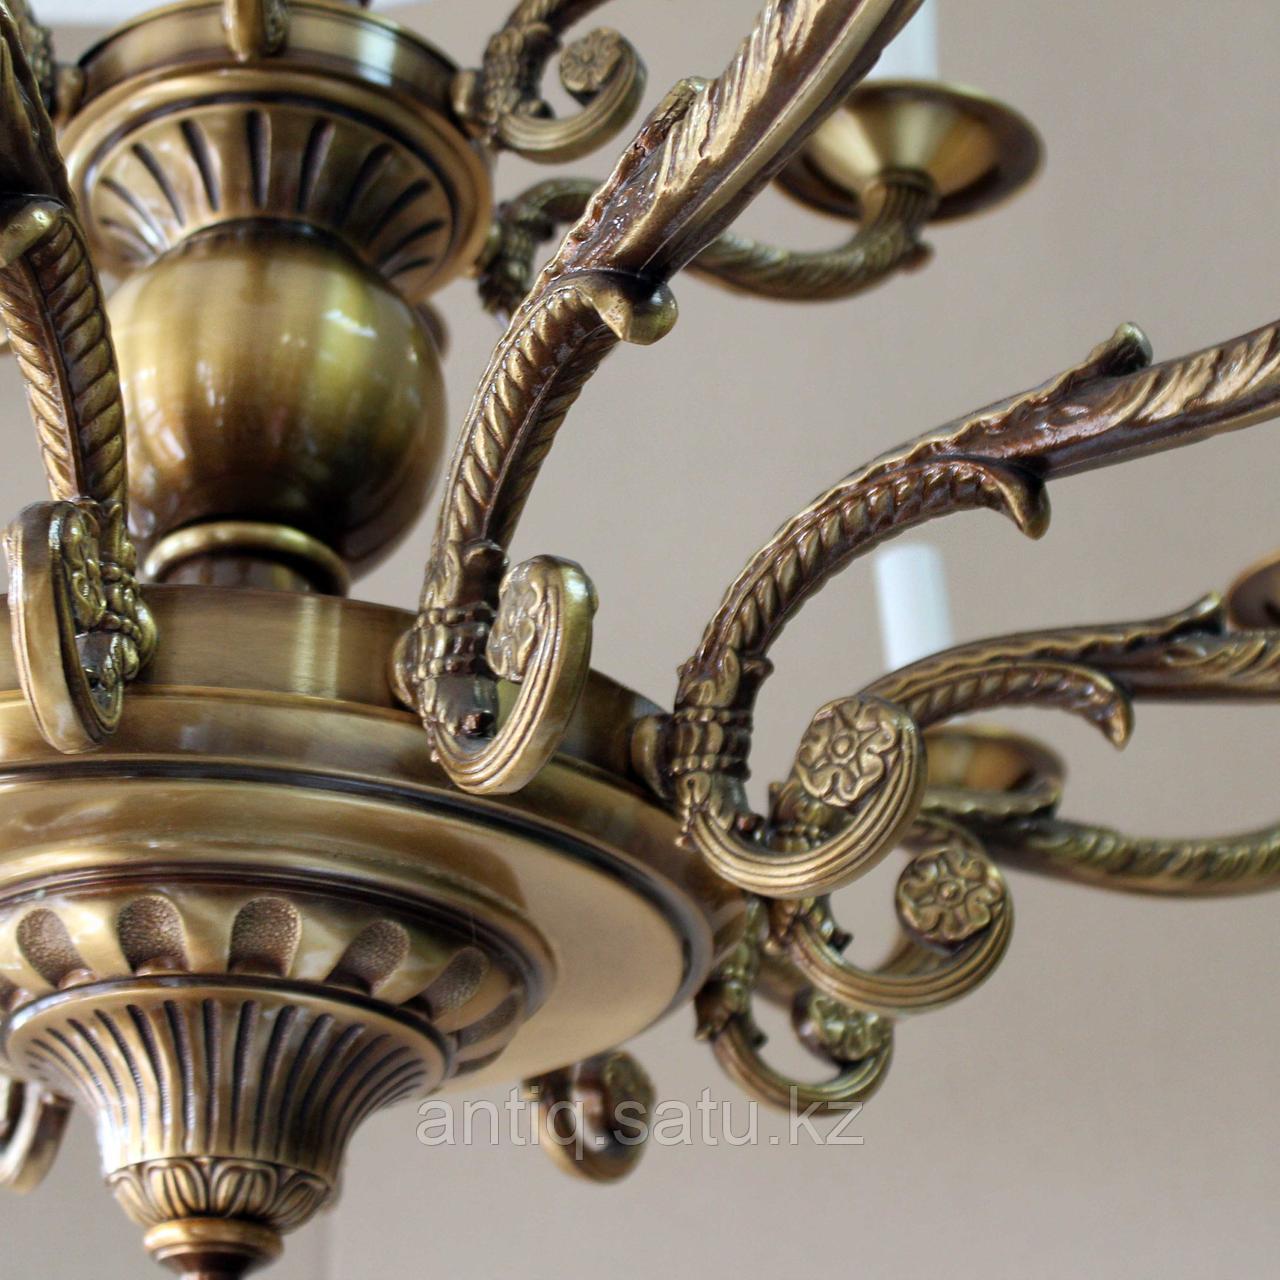 Парные 18ти рожковые люстры. Италия. Вторая половина 20го века. - фото 7